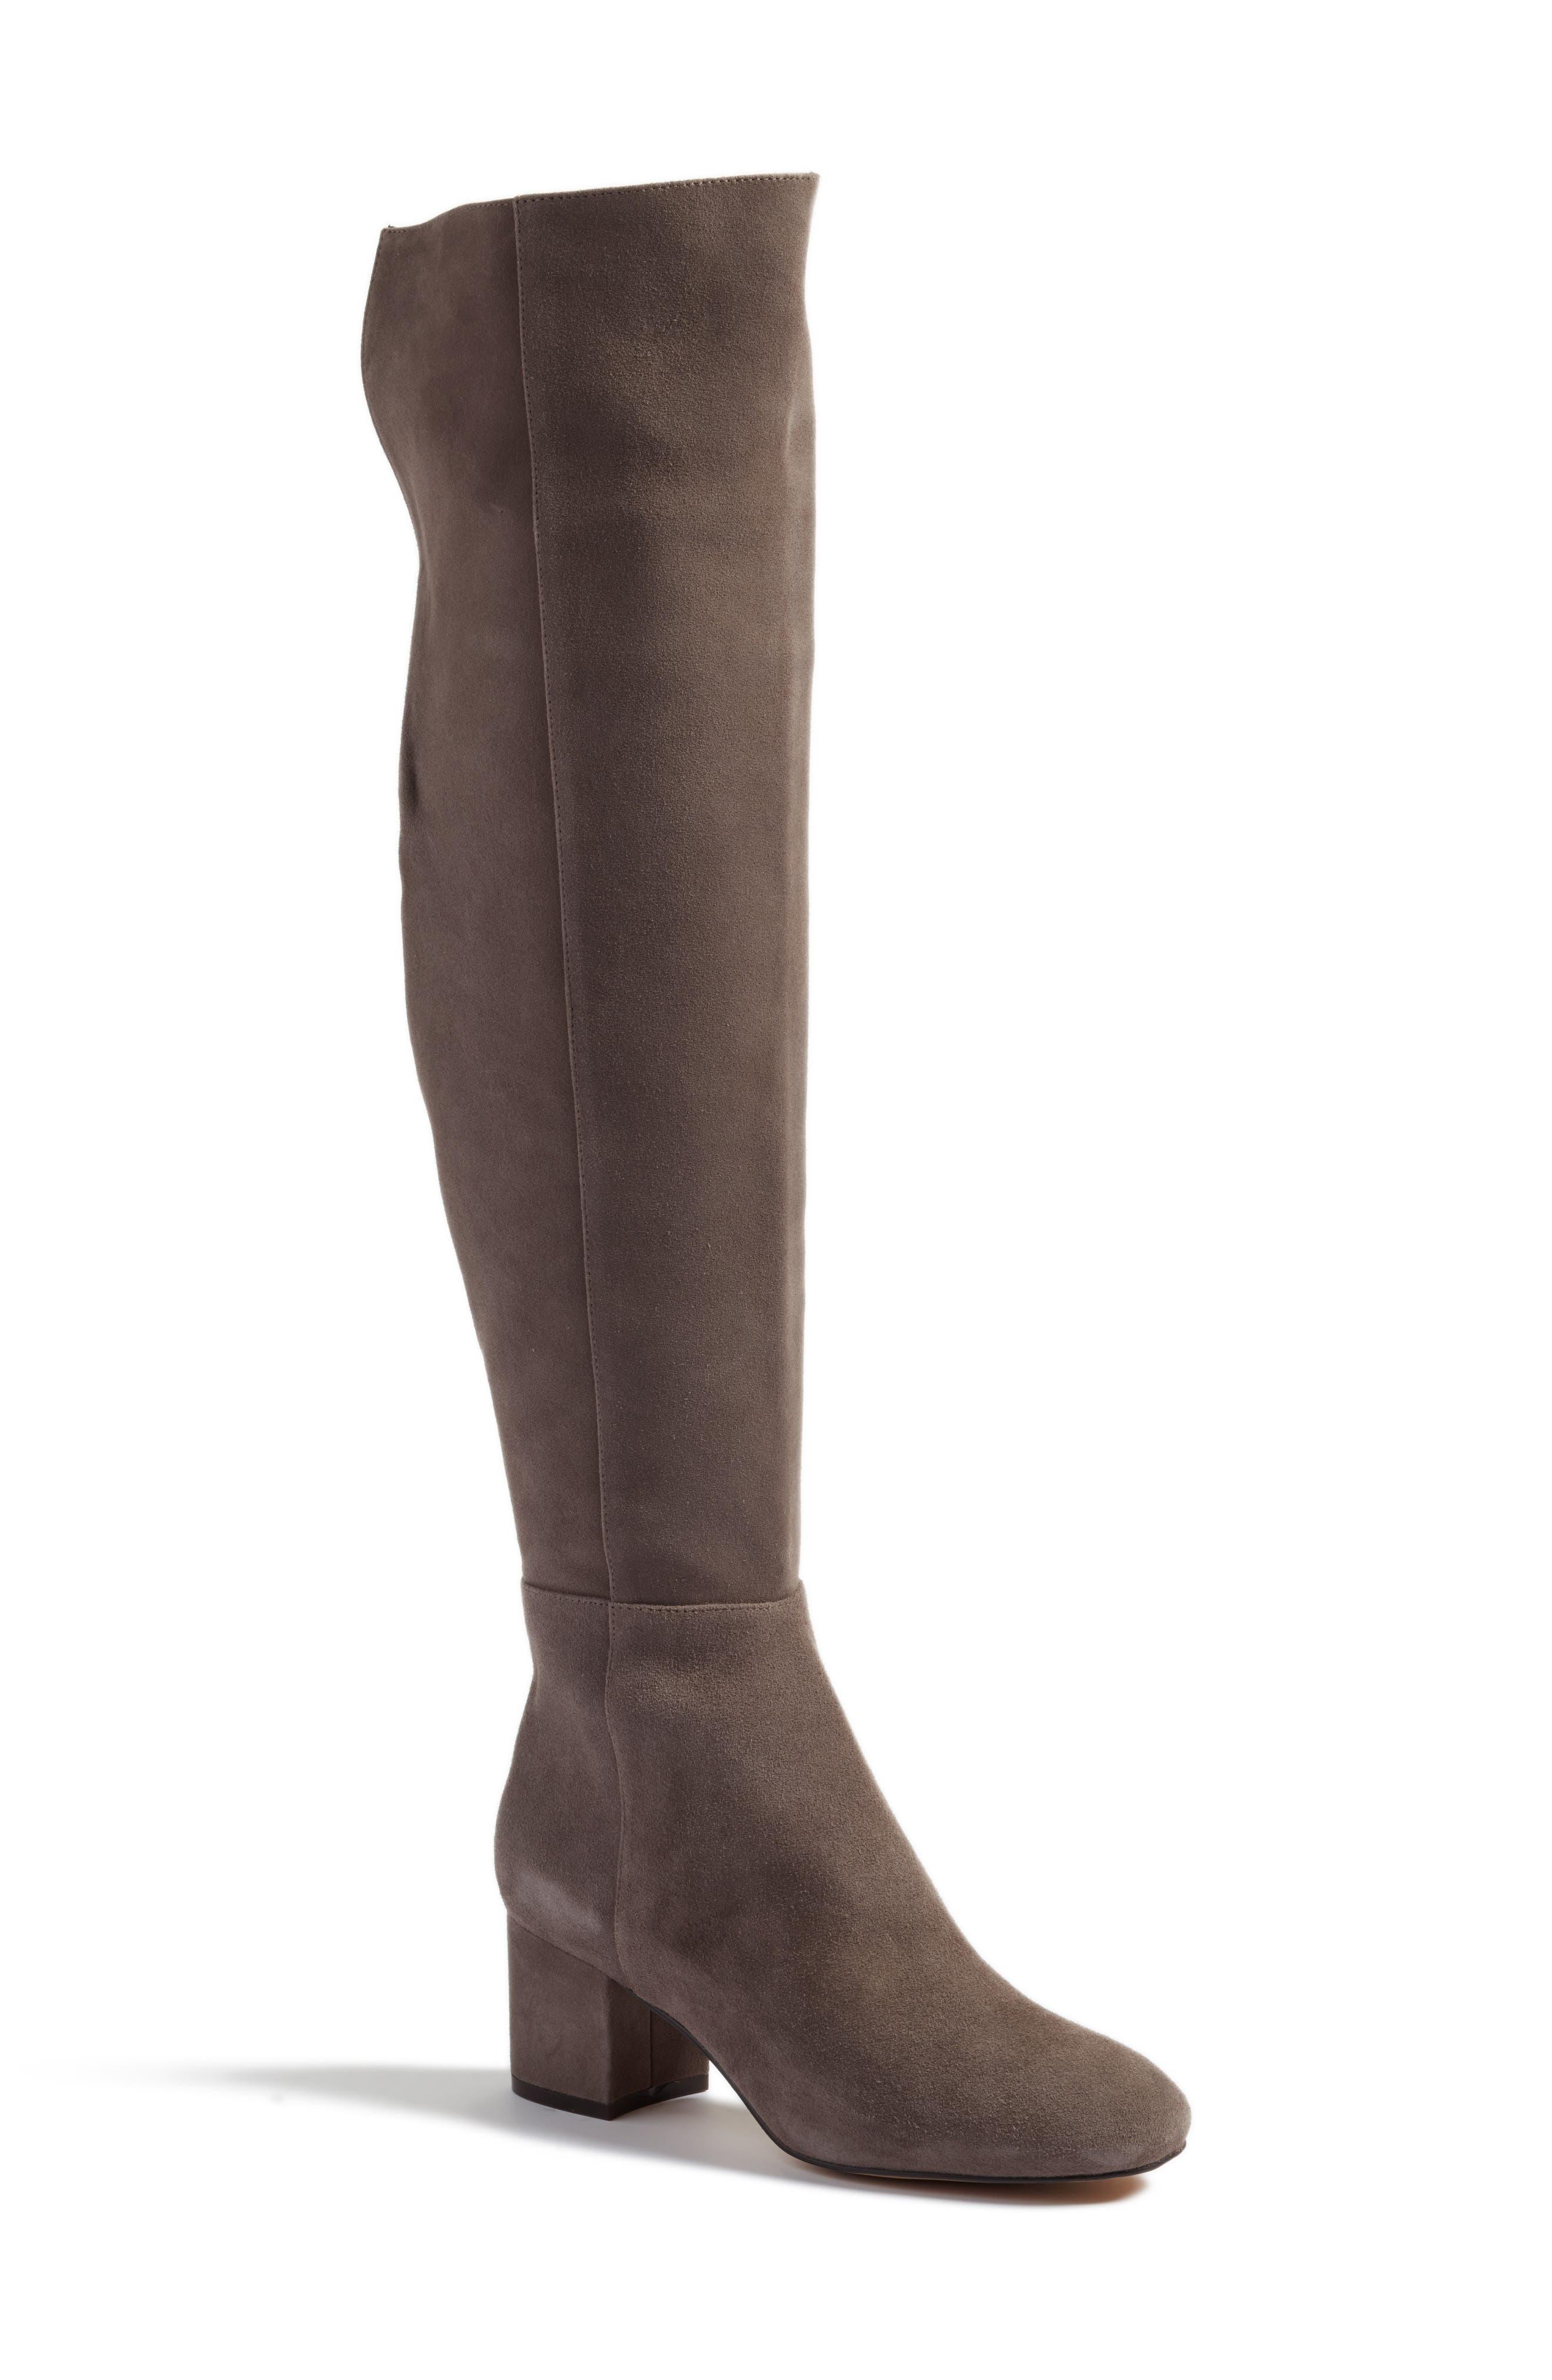 Alternate Image 1 Selected - Halogen® Scarlett Over the Knee Boot (Women)